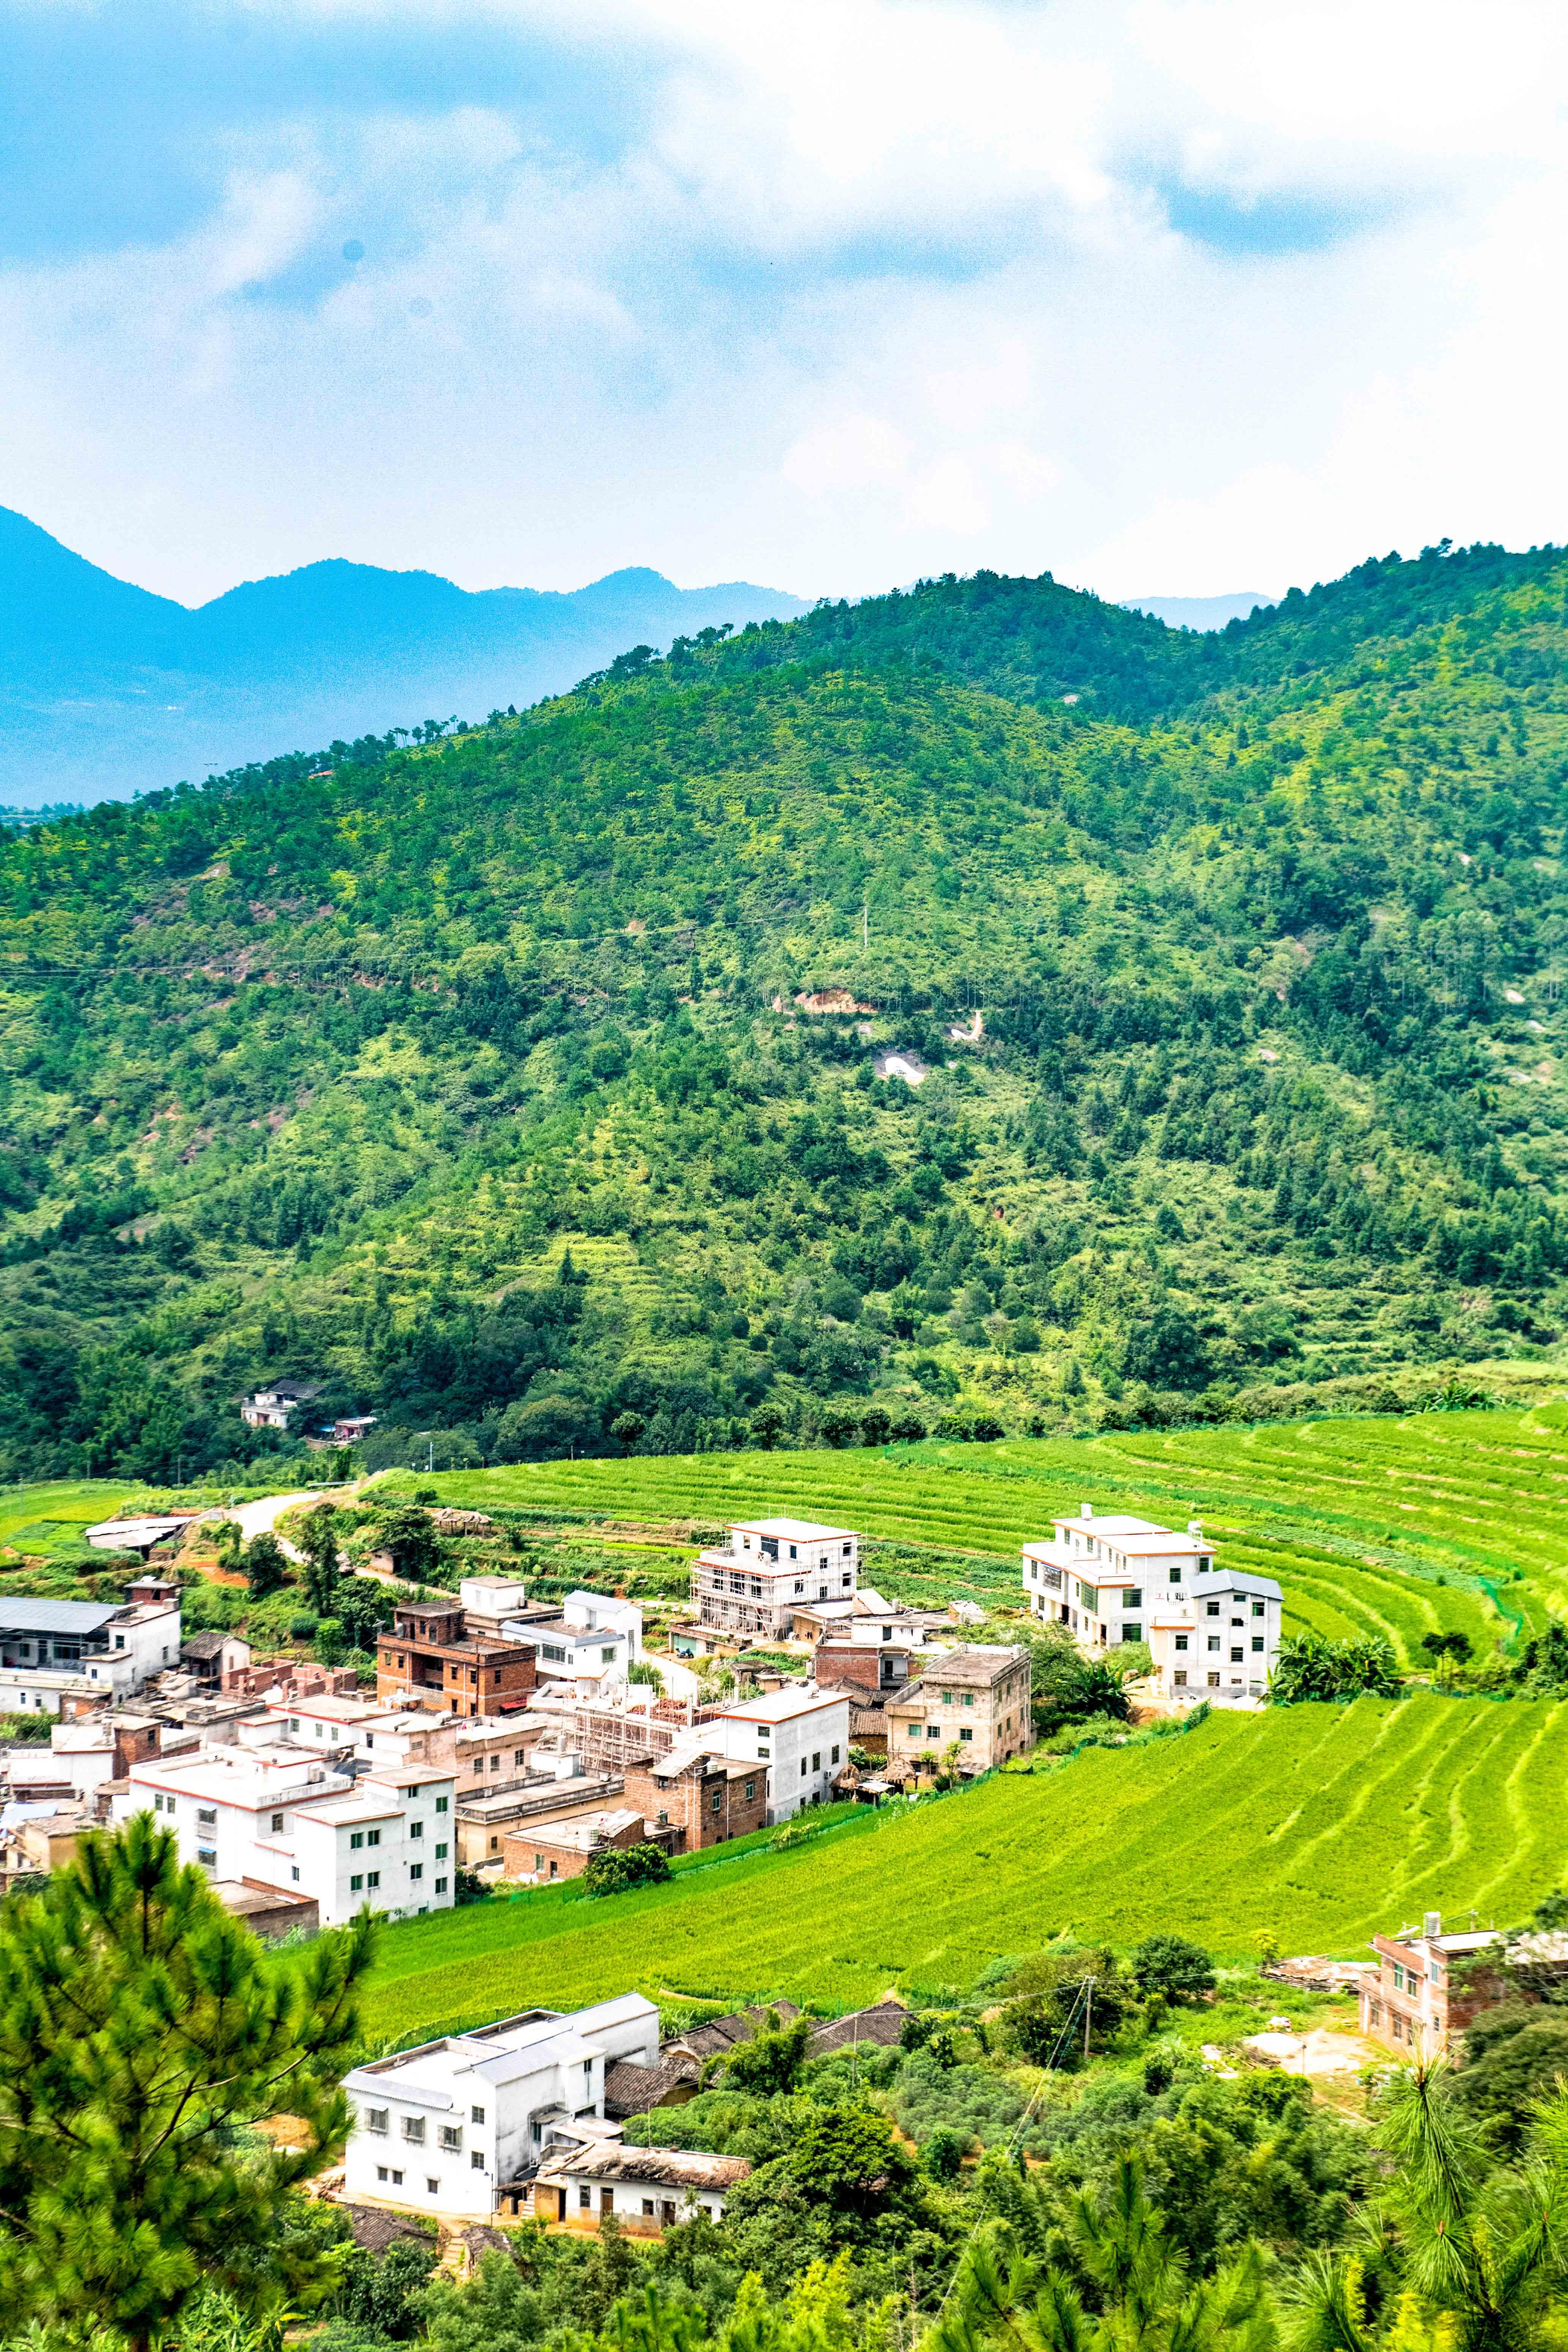 广东也私藏了千亩梯田,风景旖旎堪比世外桃源,多数人都没去过!